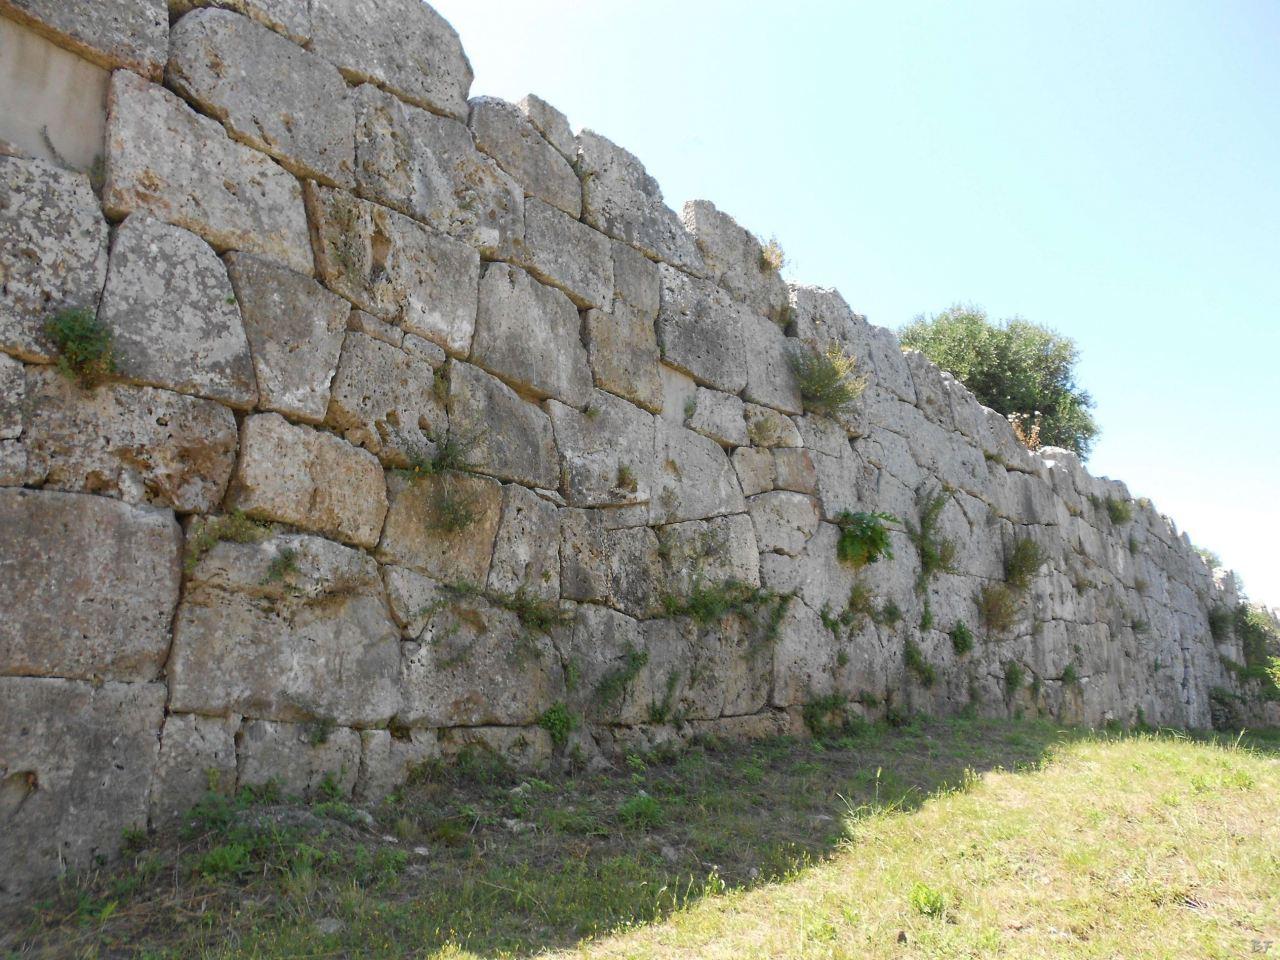 Cosa-Mura-Megalitiche-Ansedonia-Grosseto-Toscana-Italia-13